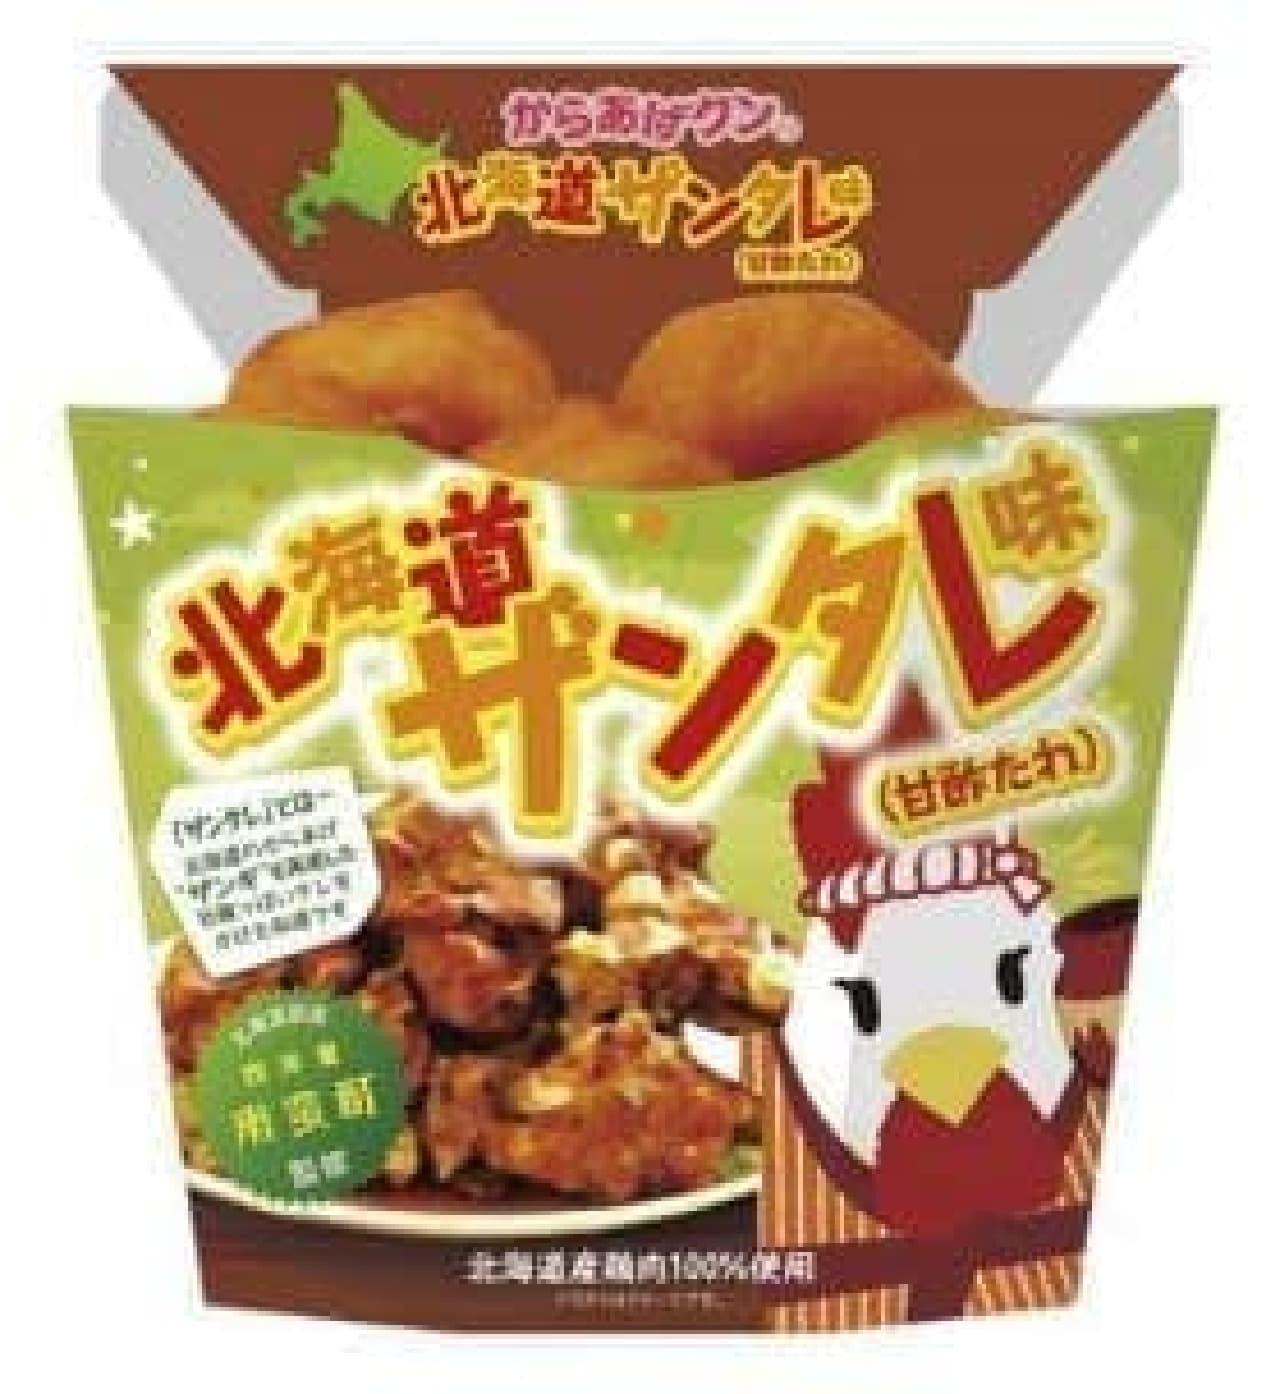 釧路のザンギ有名店が監修!「北海道ザンタレ味」